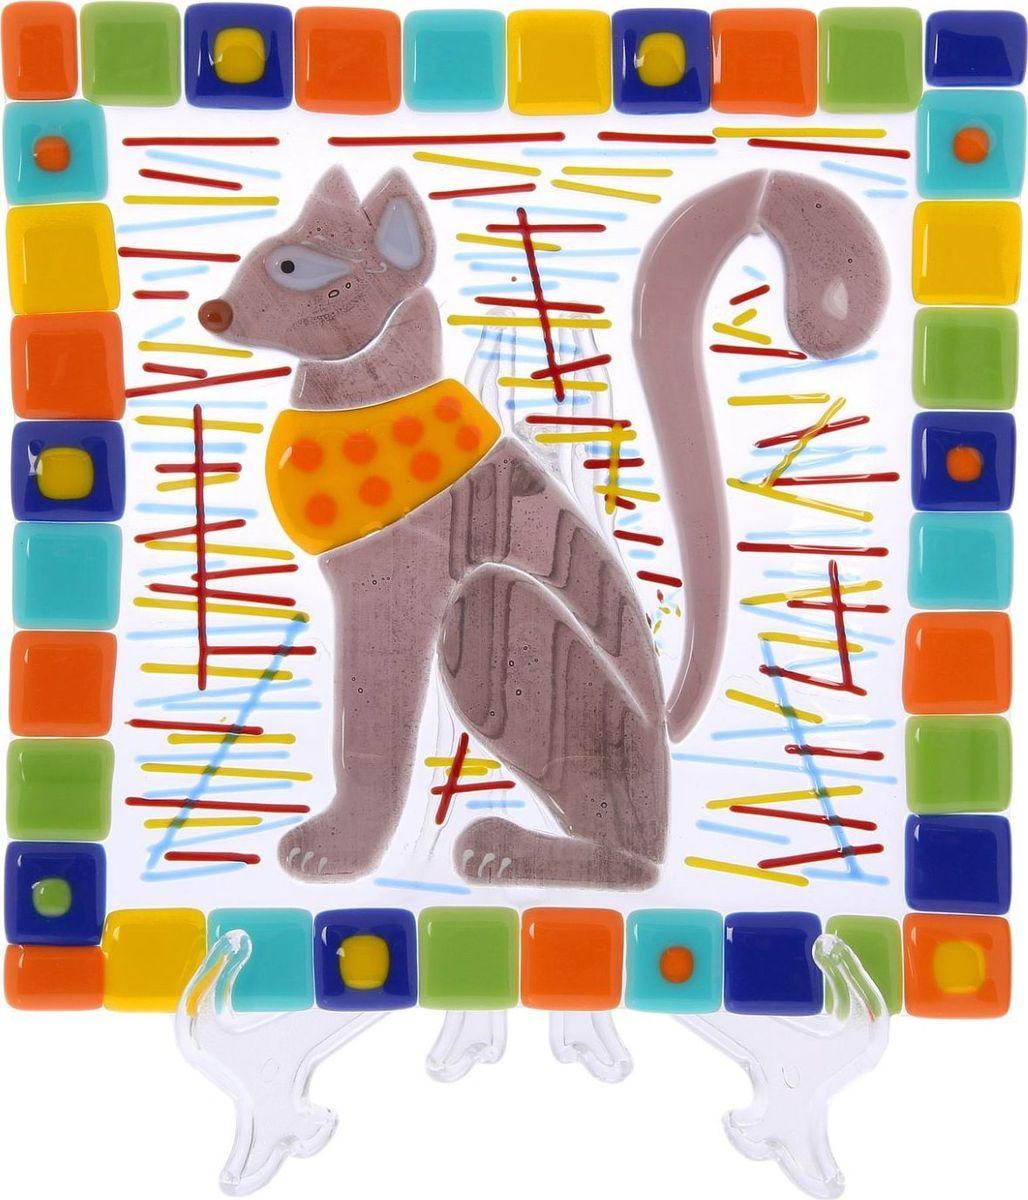 Тарелка Декостек Египетская кошка, 21 см. 2261757115510Оригинальная посуда — свидетельство особого отношения хозяев дома к гостям. Изделия изготовлены необычным образом: несколько видов стекла спекаются в печи при температуре около 800 градусов. В результате этого получается уникальный продукт, по внешнему виду сходный с витражом. Стекло, полученное с помощью фьюзинга, отличают особенная прозрачность и глубина цвета, оно сохраняет оттенок и не подвержено старению.Особенности предмета:тщательная обработка рельефа поверхности;высококачественный узор;высокая прочность – изделия можно мыть в посудомоечной машине.Такой предмет станет прекрасным подарком по любому случаю. В комплект входит подставка и декоративная коробка.